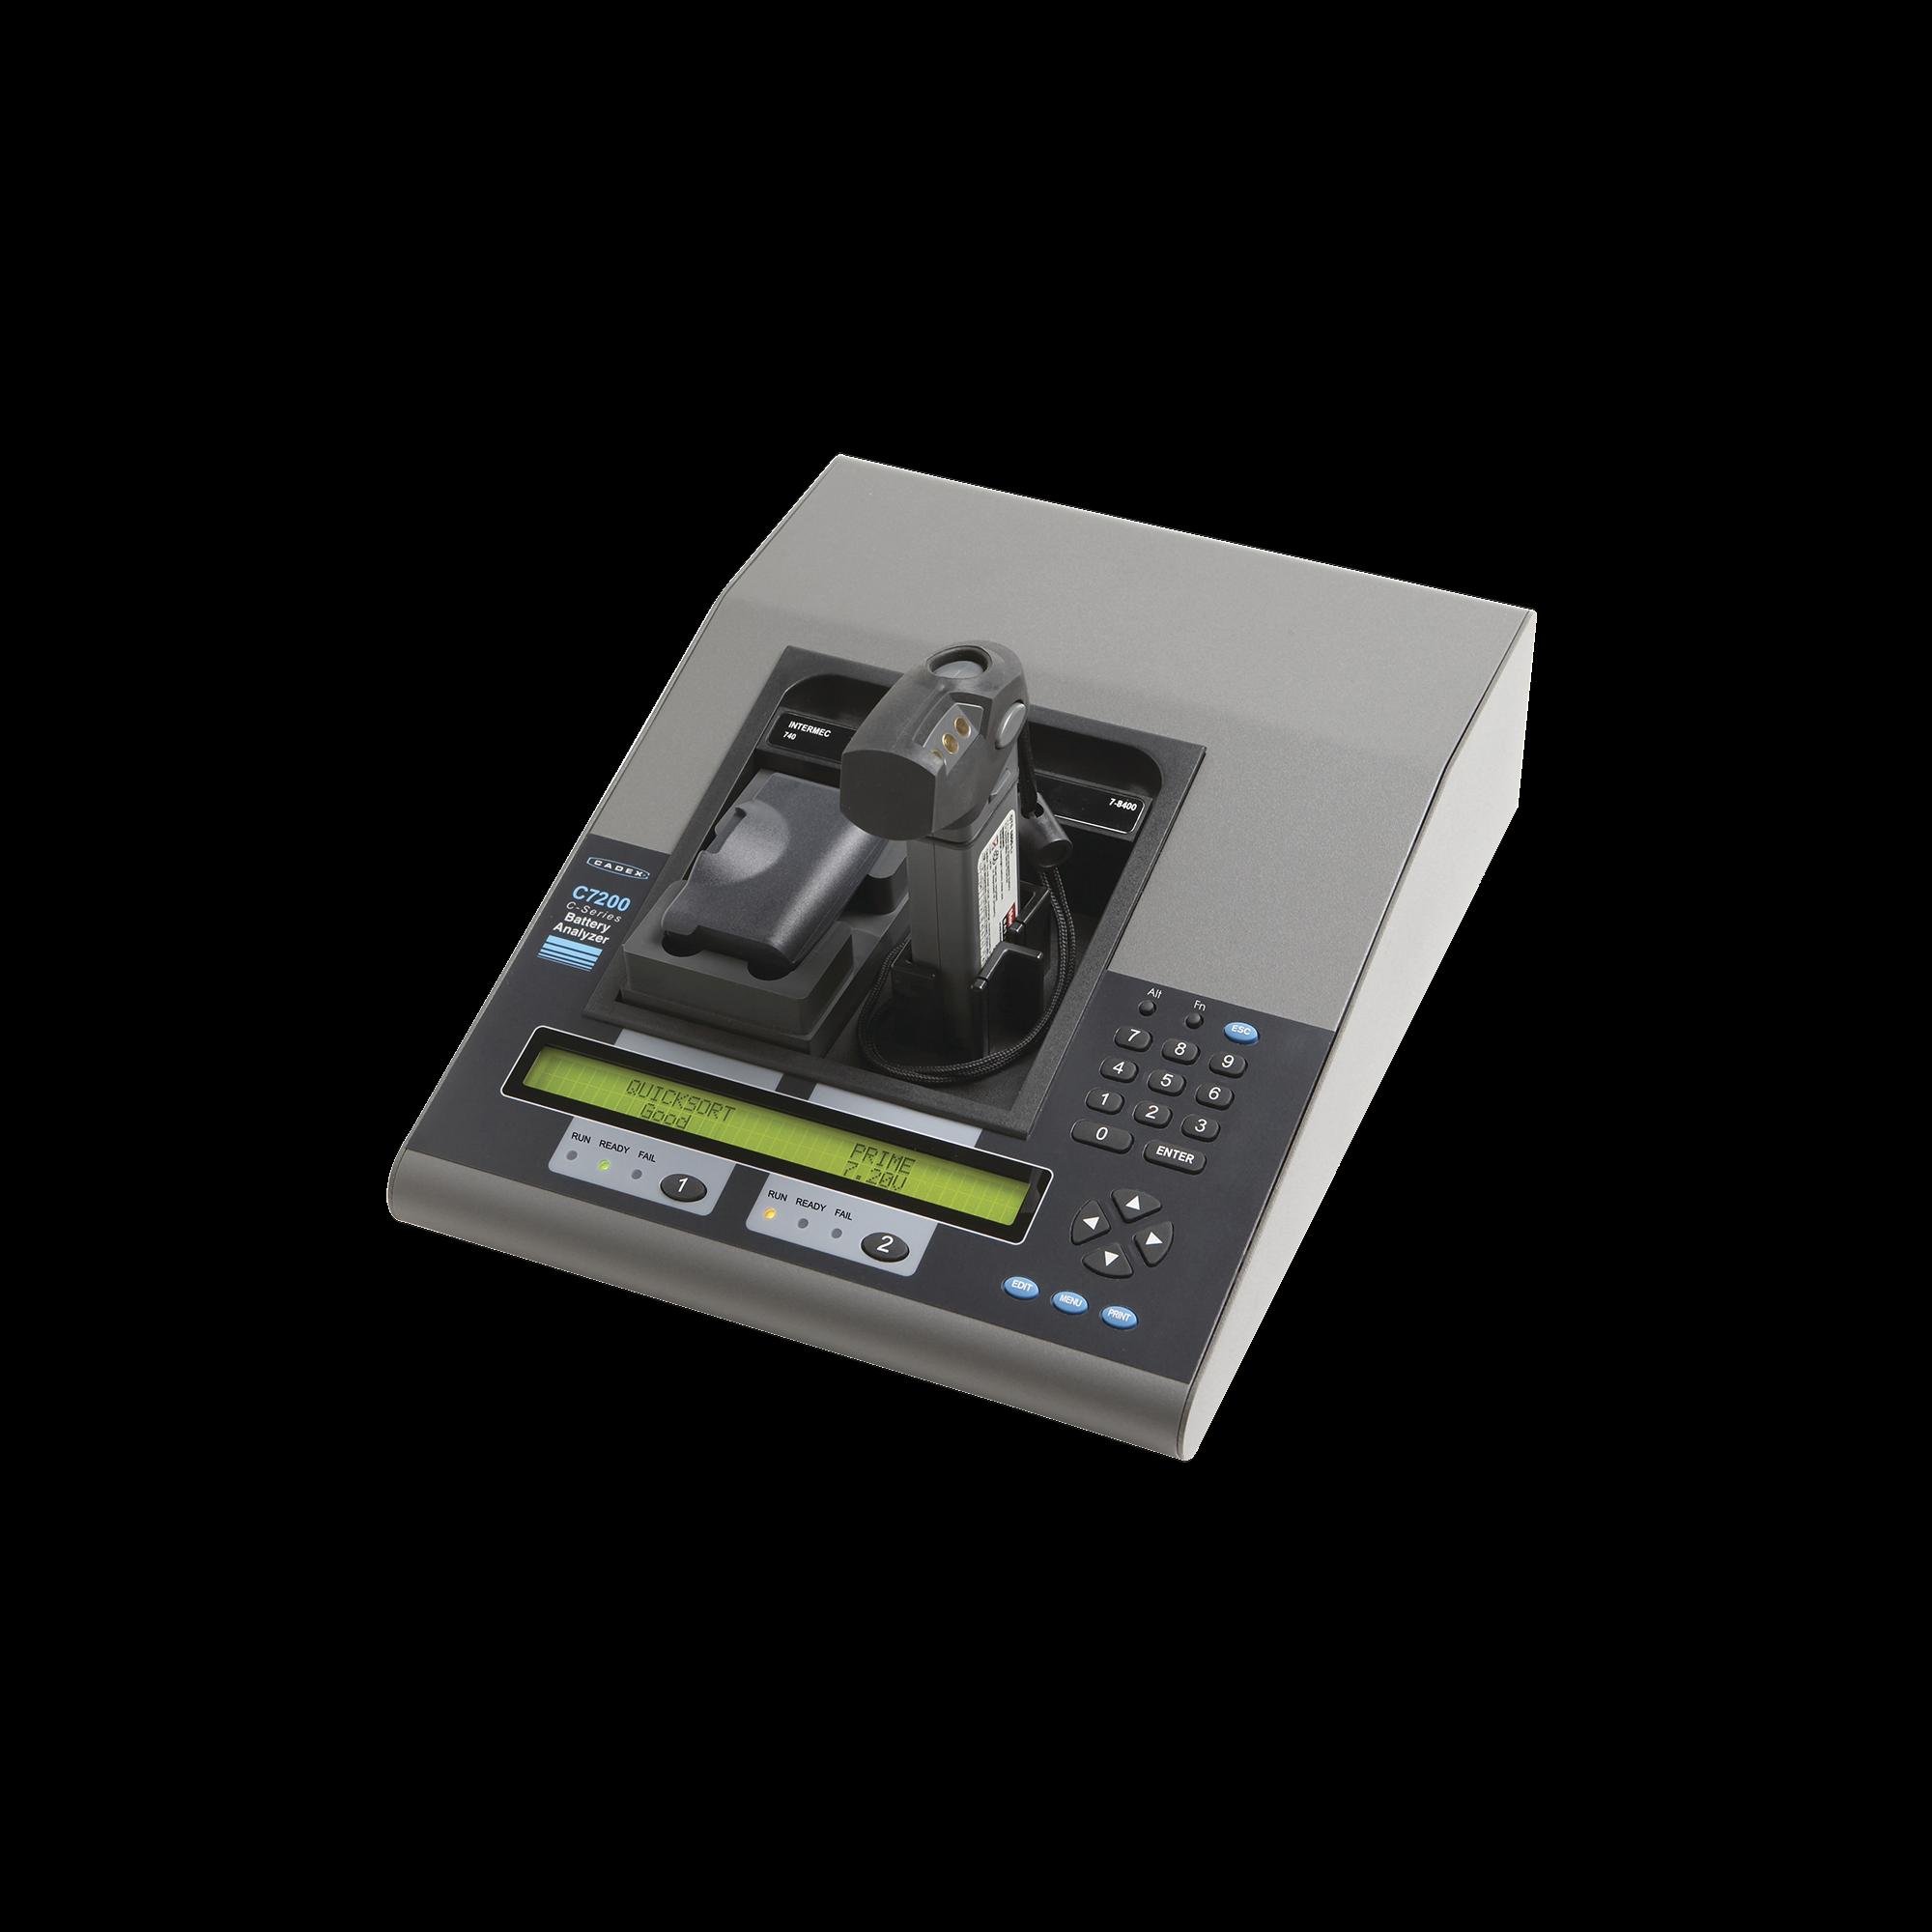 CADEX 7200-C Analizador de Baterías de 2 Cavidades (40W). No Incluye Adaptadores.